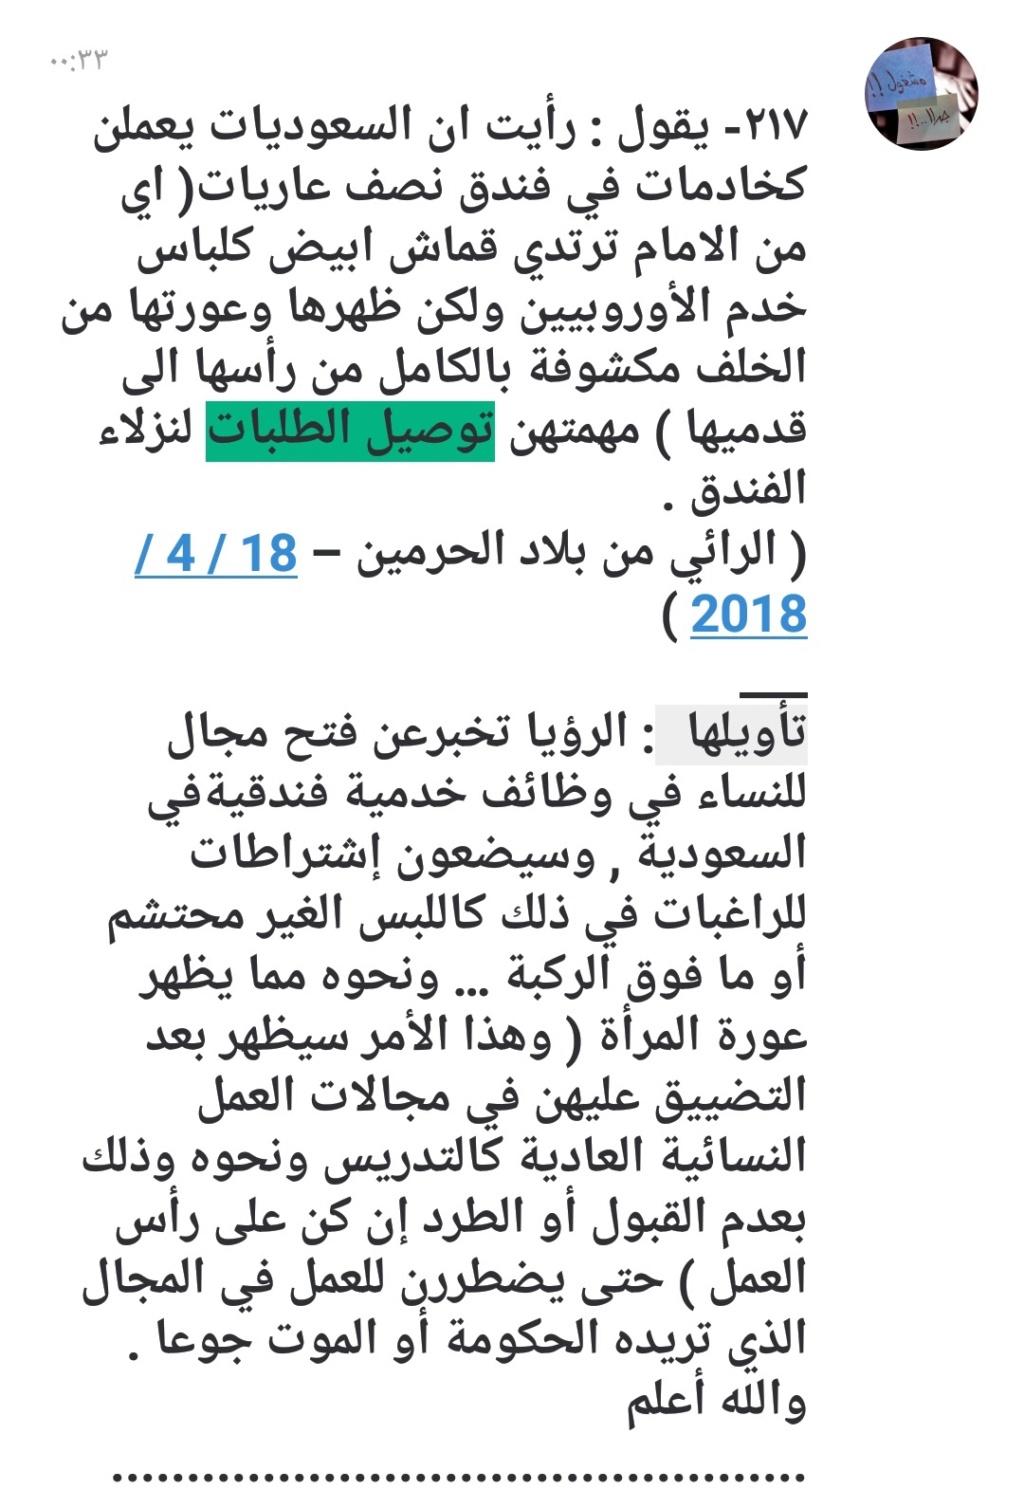 أخبار بلاد الحرمين وباقي الجزيرة...  Ima_1b10